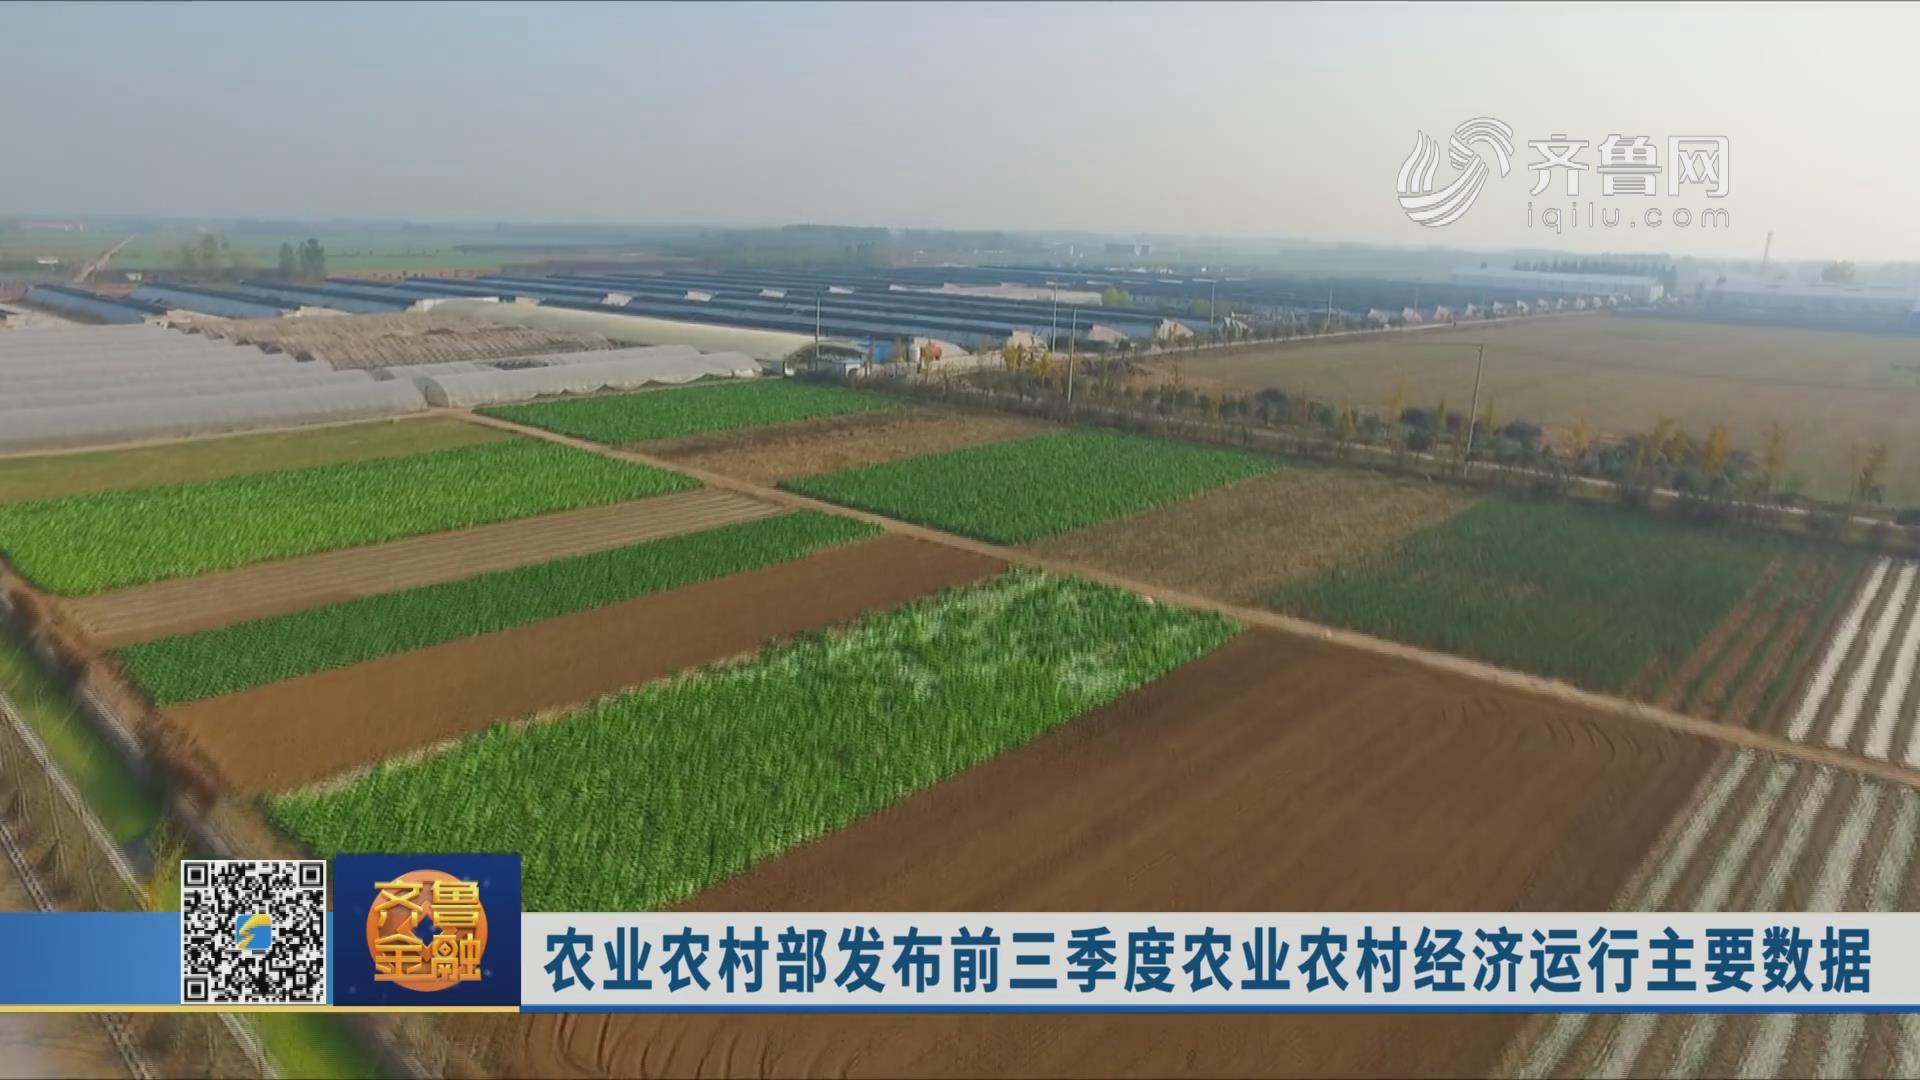 农业农村部发布前三季度农业农村经济运行主要数据《齐鲁金融》20191106播出